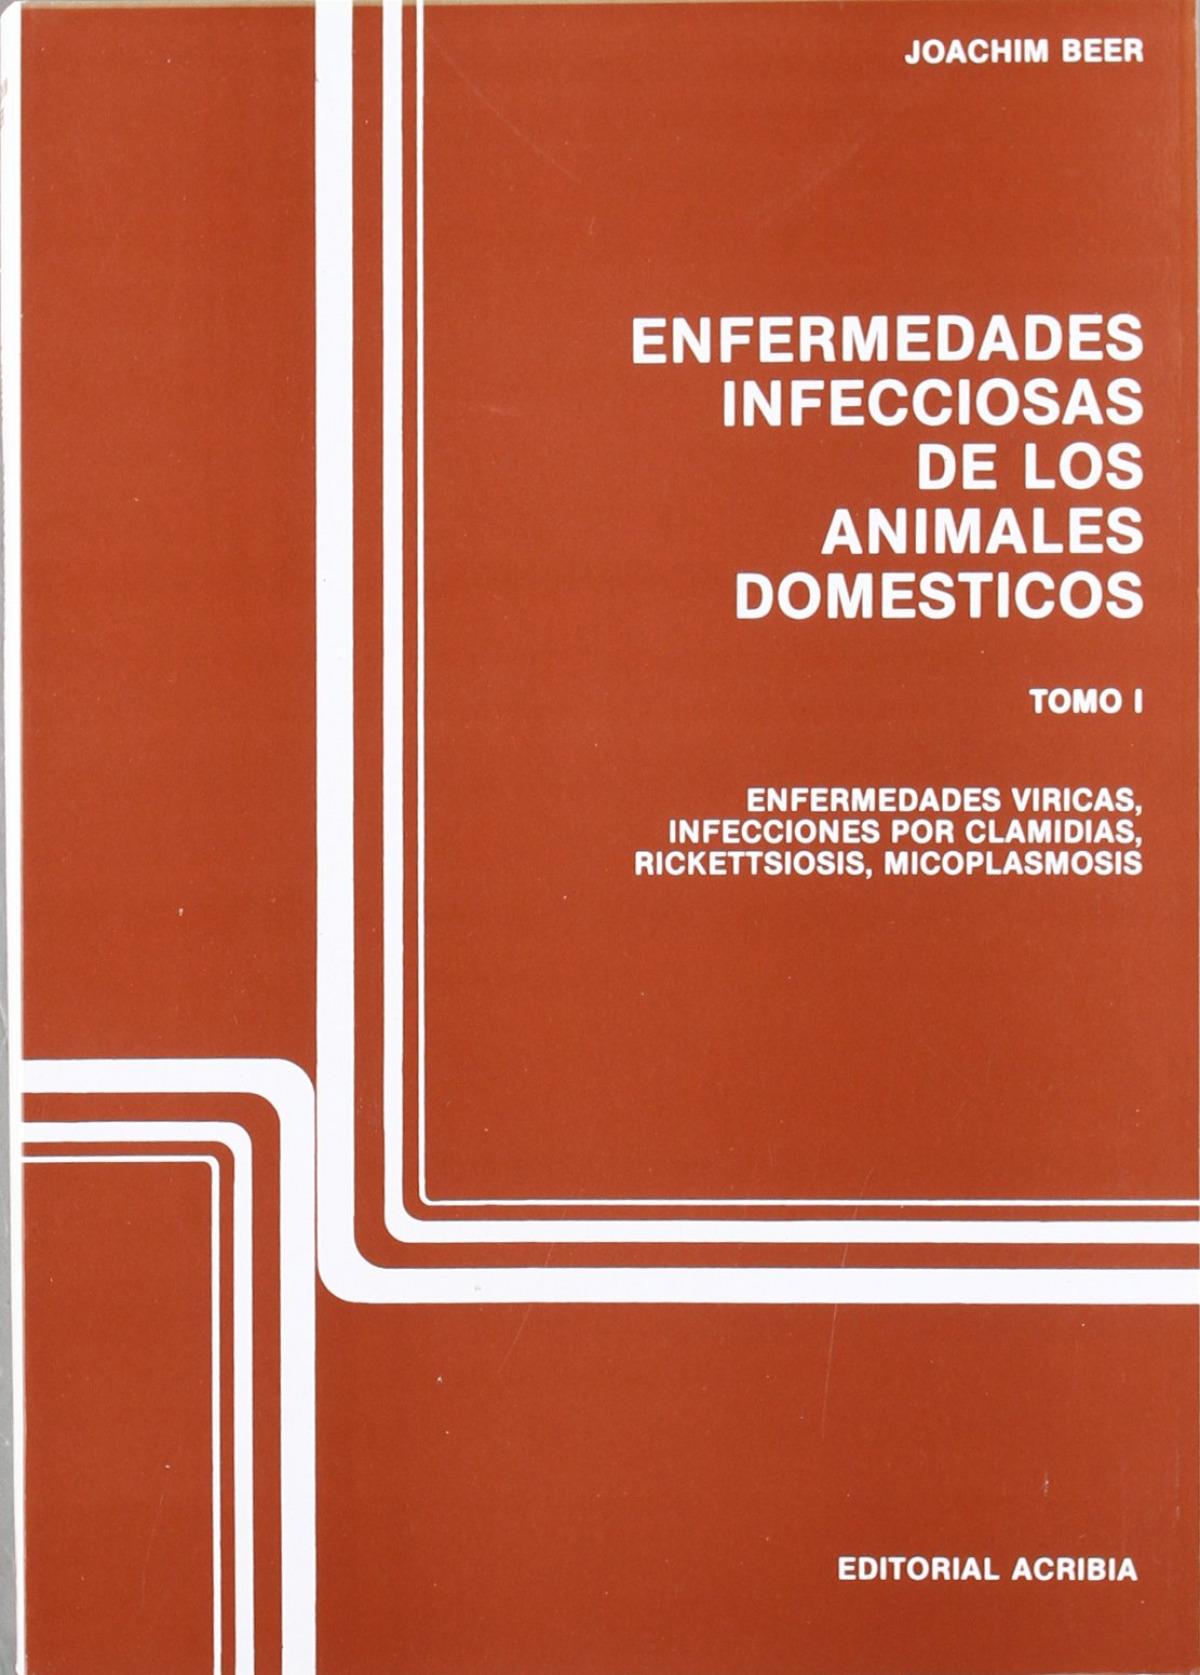 ENFERMEDADES INFECCIOSAS DE LOS ANIMALES DOMÉSTICOS. TOMO I. ENFERMEDADES VÍRICAS, CLAMIDIOSIS, RICK